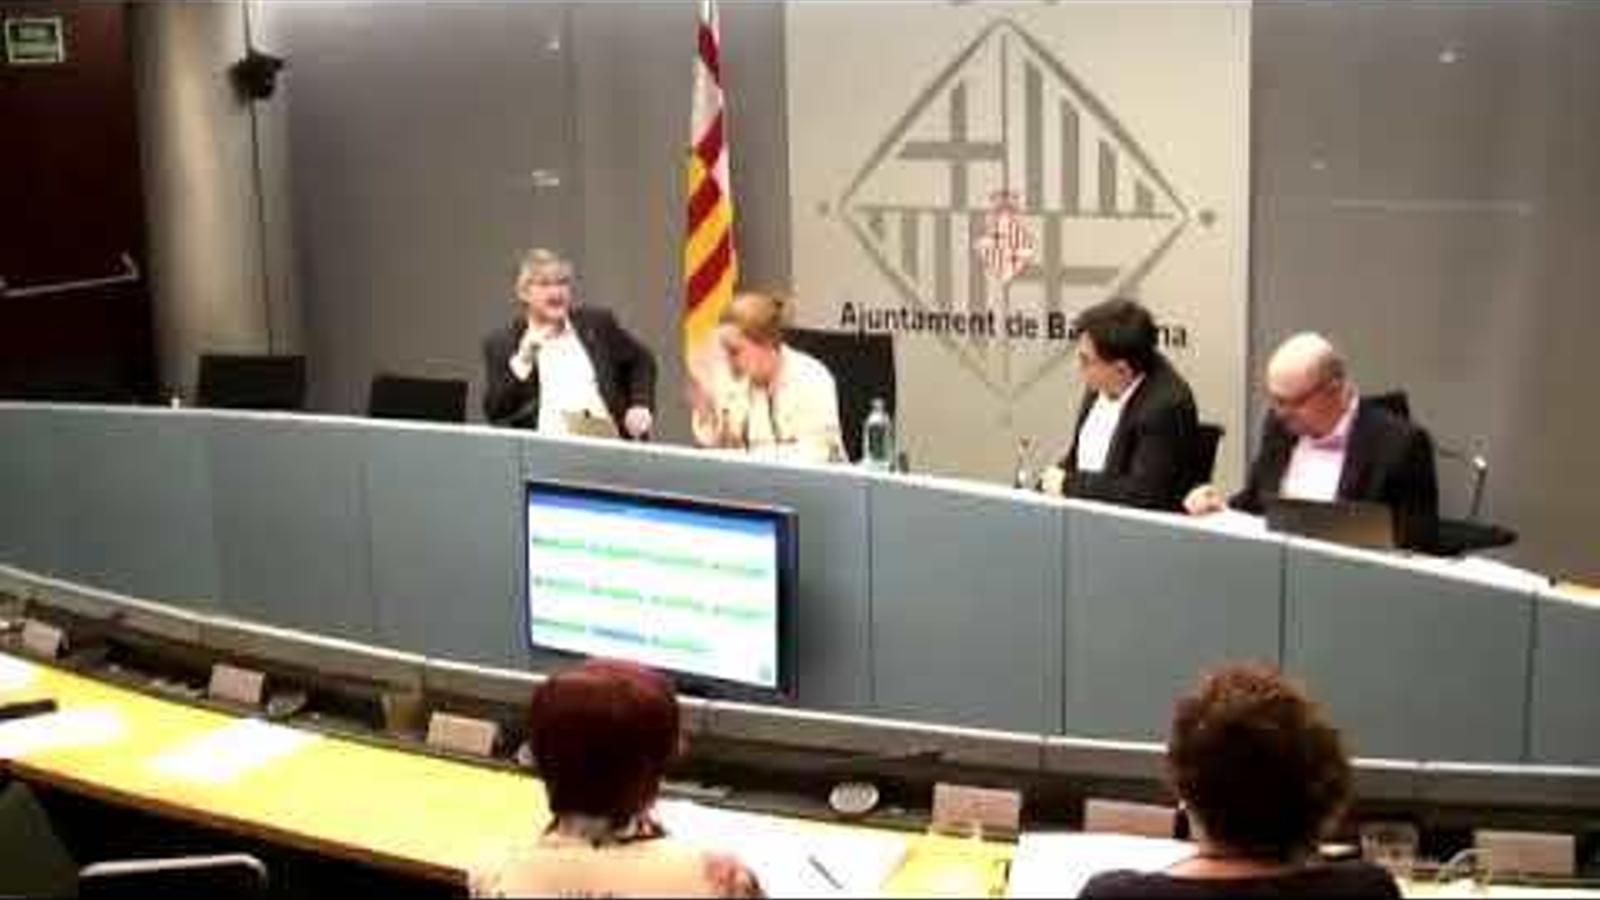 Carina Mejías perd els estreps i marxa, cridant, de la comissió d'Economia de Barcelona